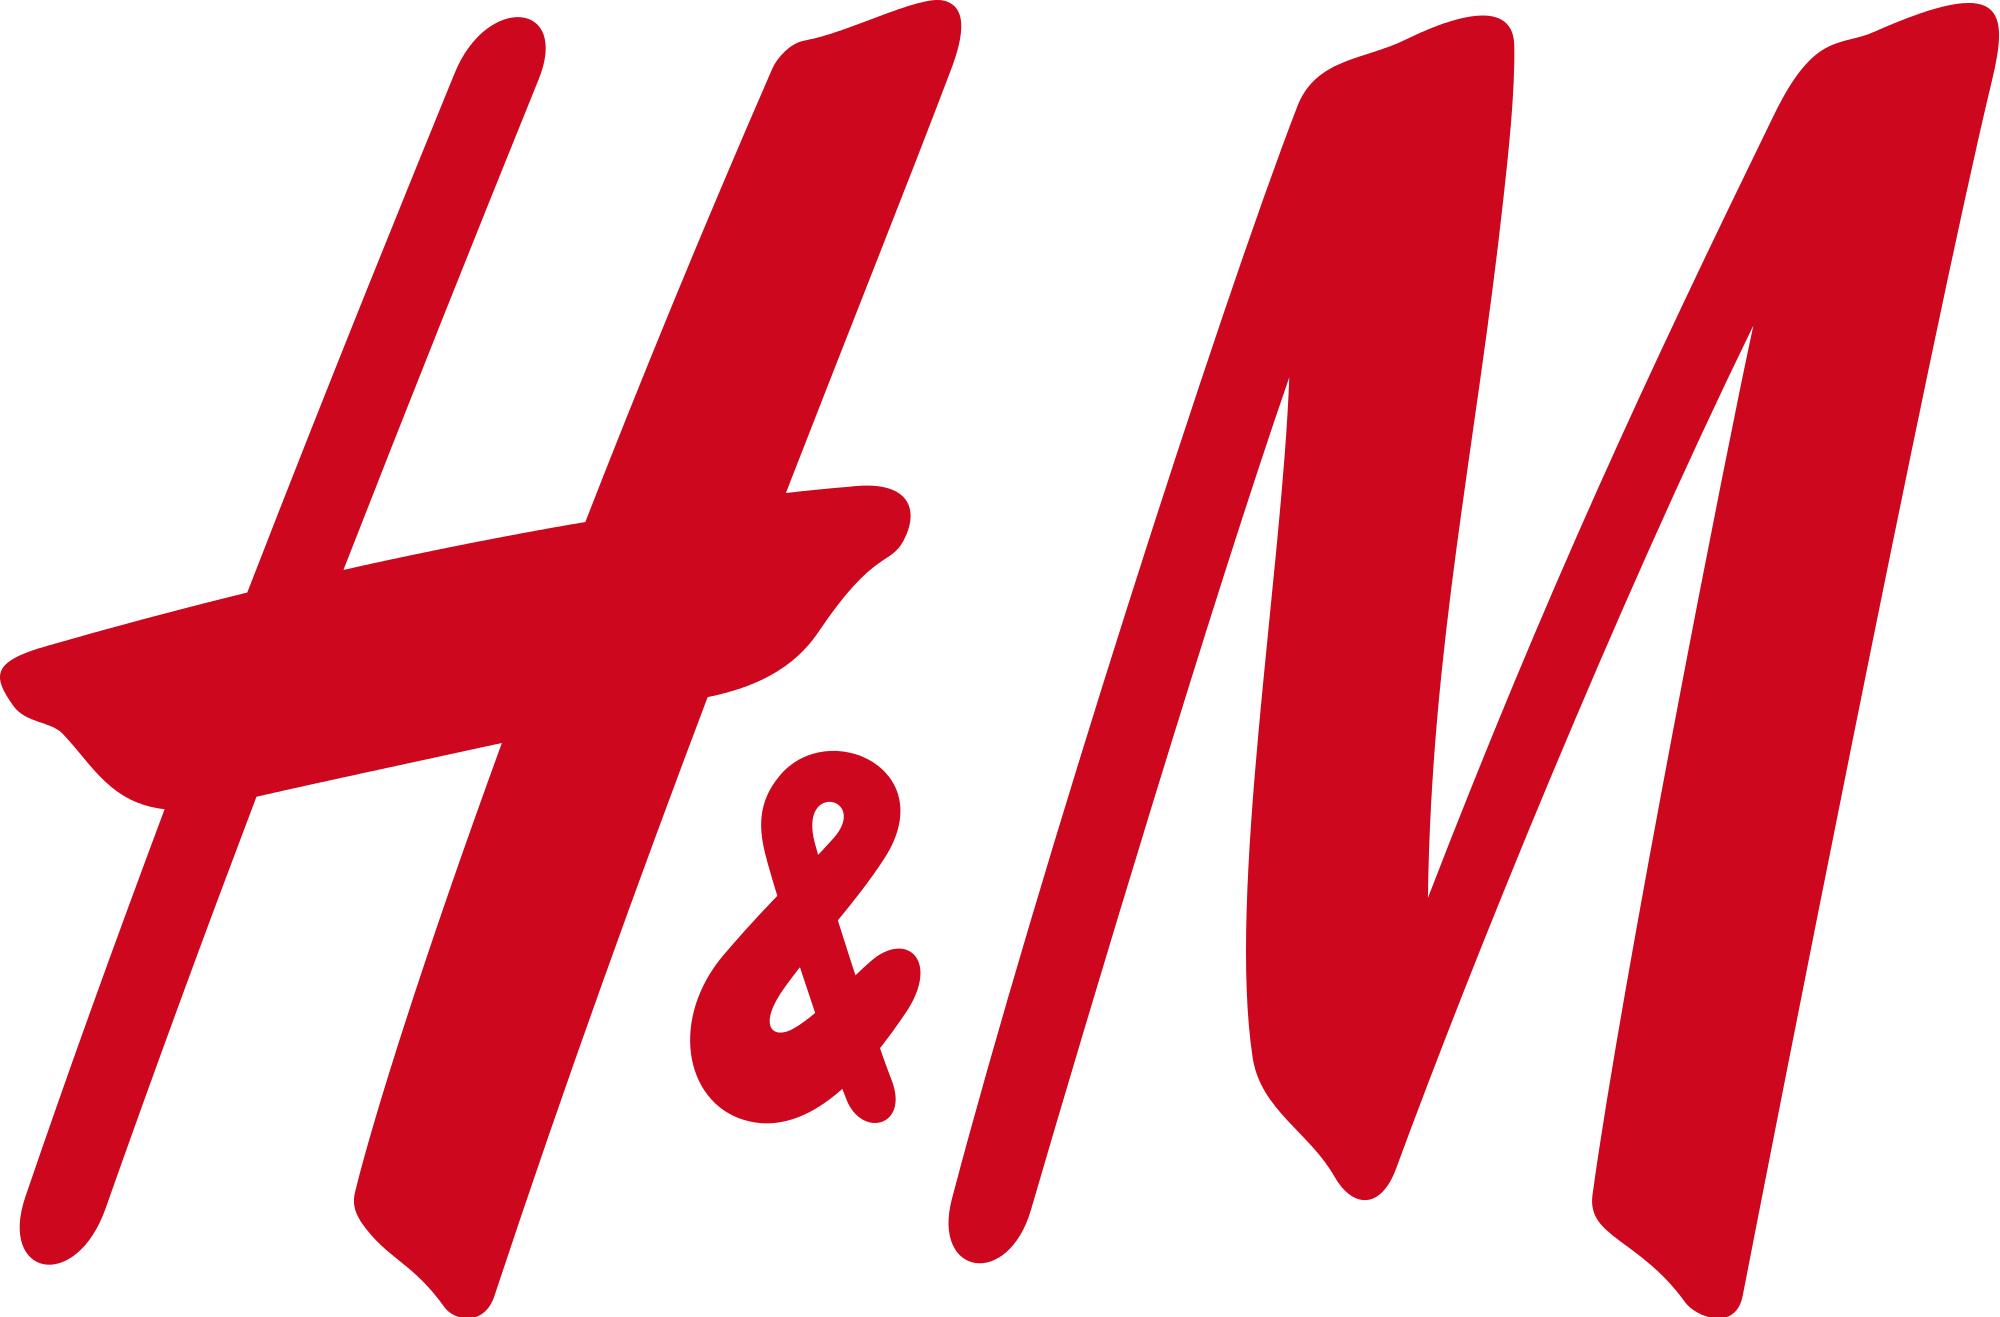 25% Rabatt auf einen Artikel und kostenloser Standardversand (50€ MBW) bei H&M